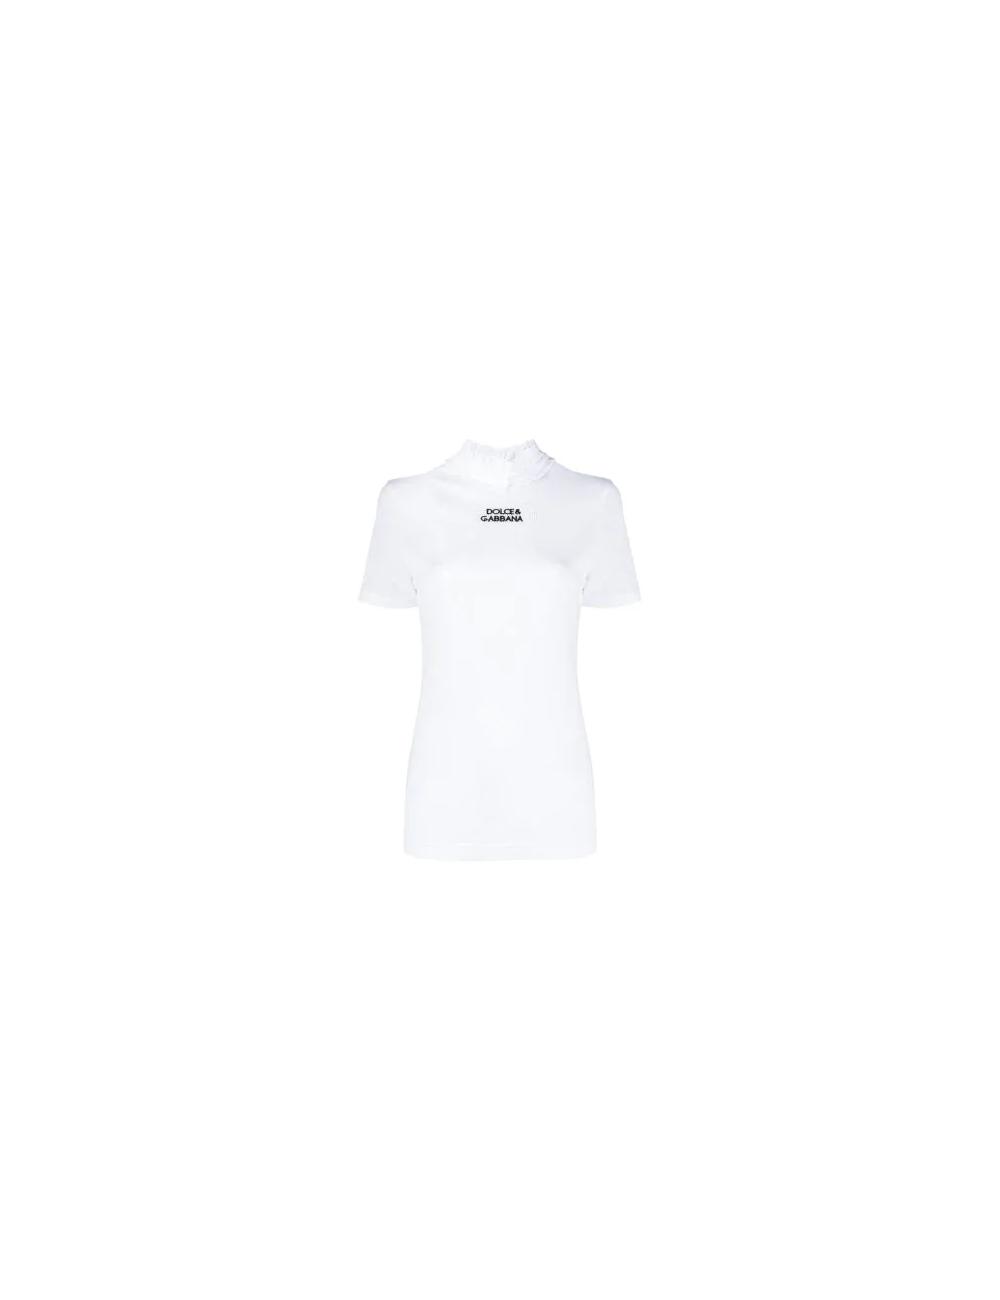 T-shirt Dolce Gabbana - BIG BOSS MEGEVE